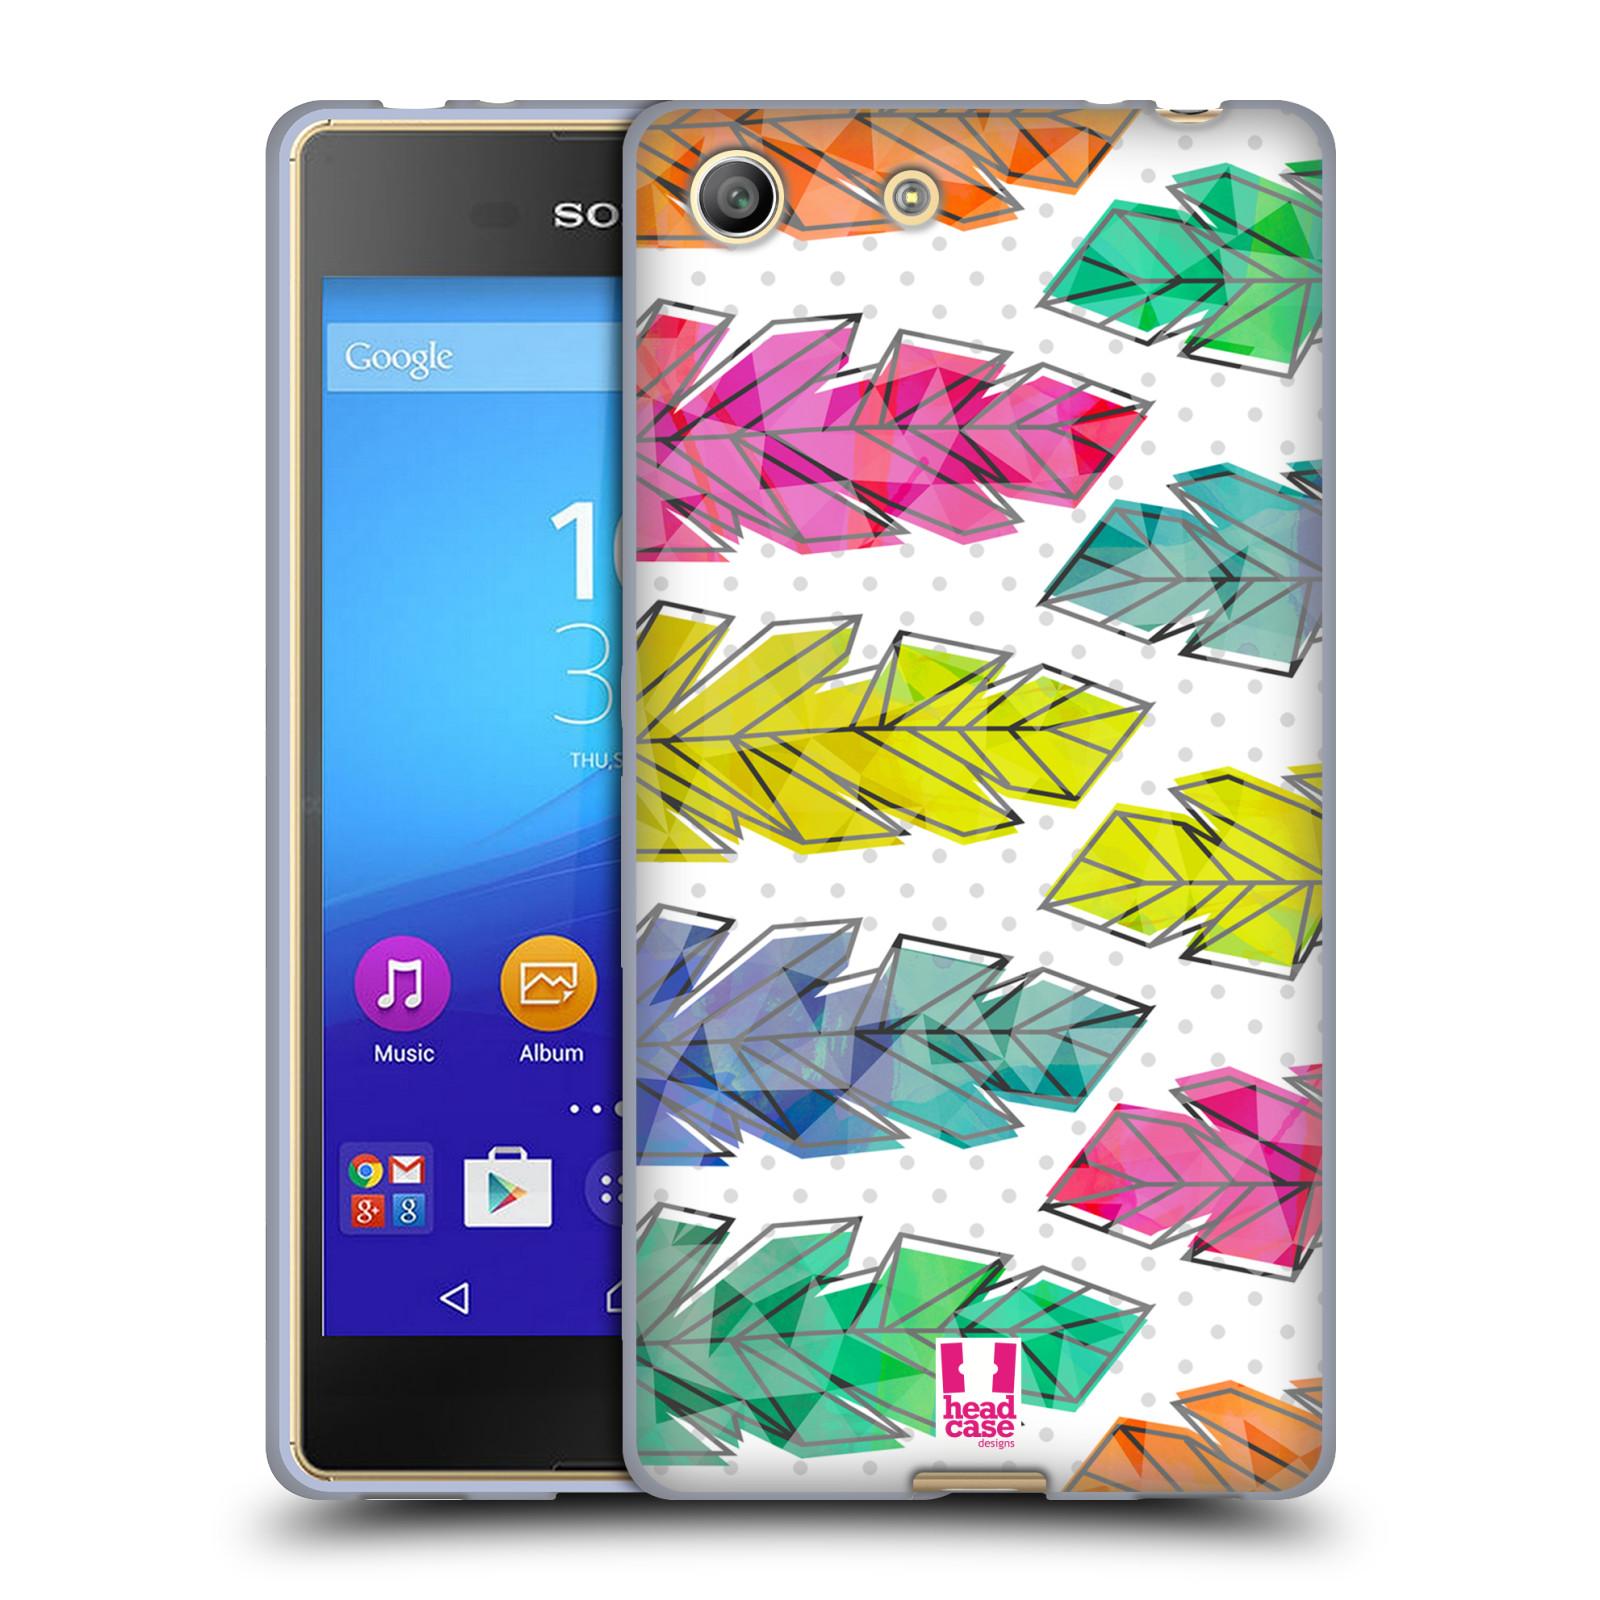 Silikonové pouzdro na mobil Sony Xperia M5 HEAD CASE PÍRKA DOODLE (Silikonový kryt či obal na mobilní telefon Sony Xperia M5 Dual SIM / Aqua)